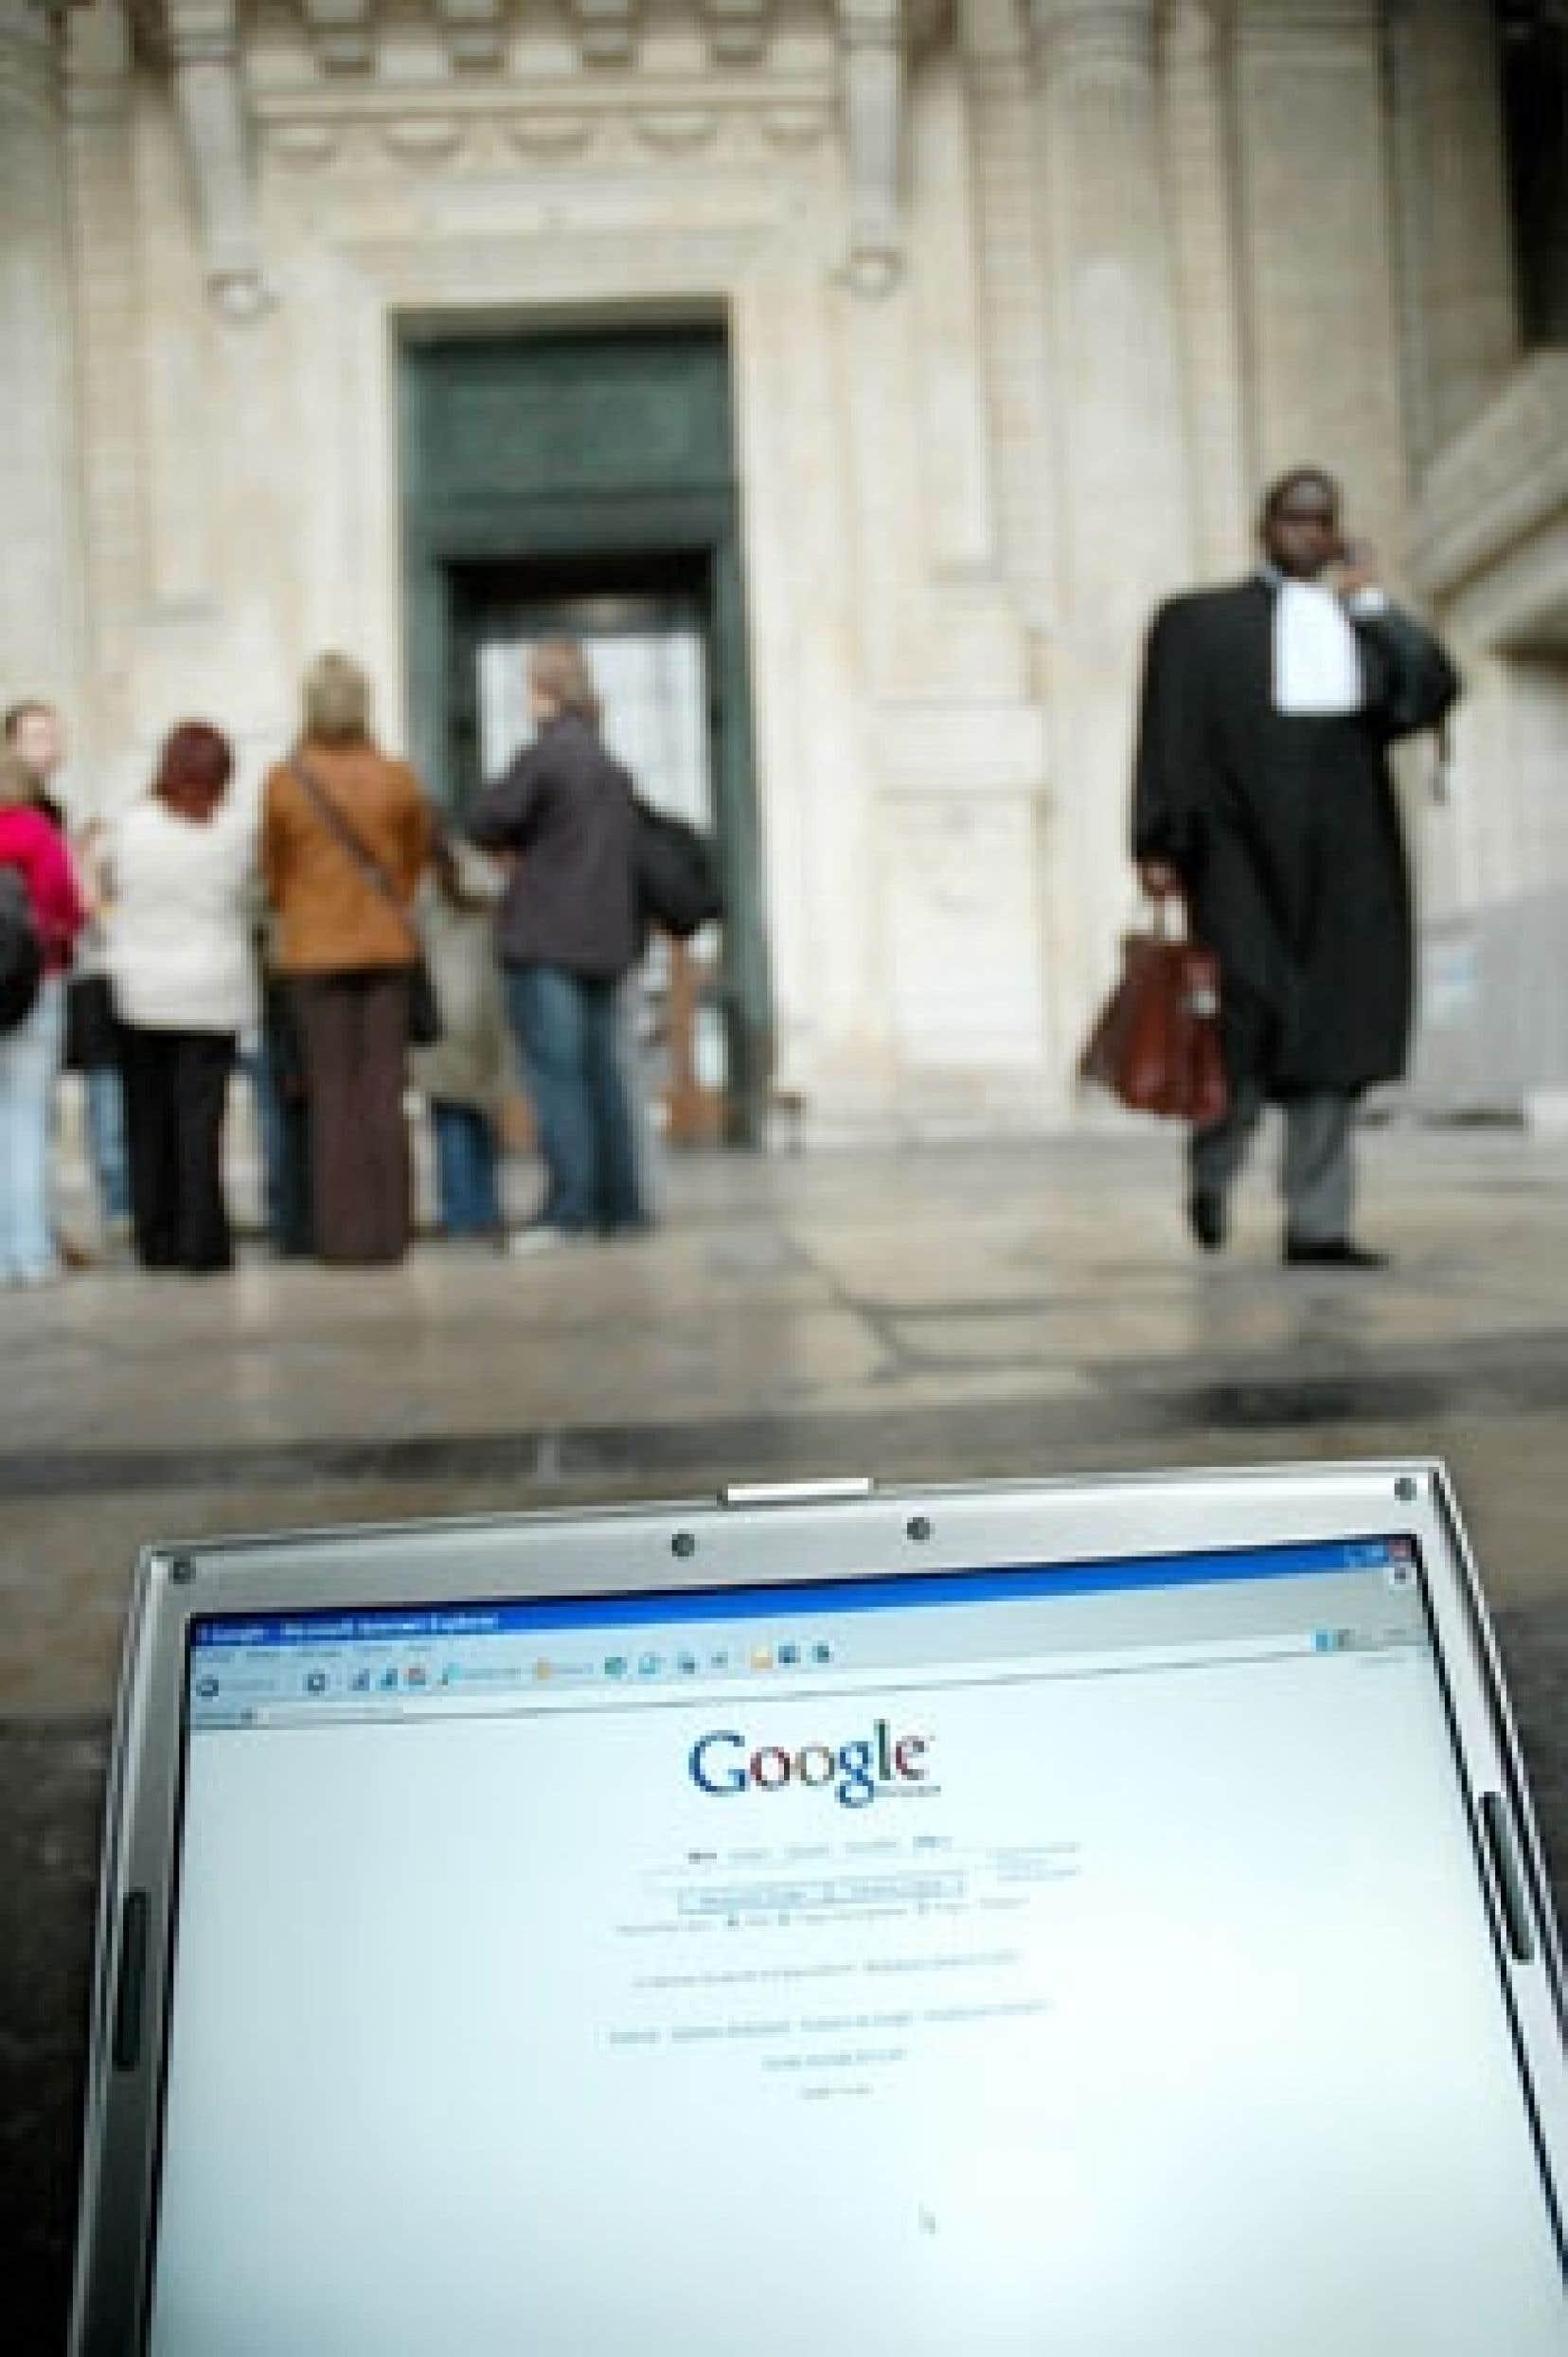 Avec sa nouvelle politique, Google rendra anonymes les adresses IP dans les historiques de serveurs après neuf mois.